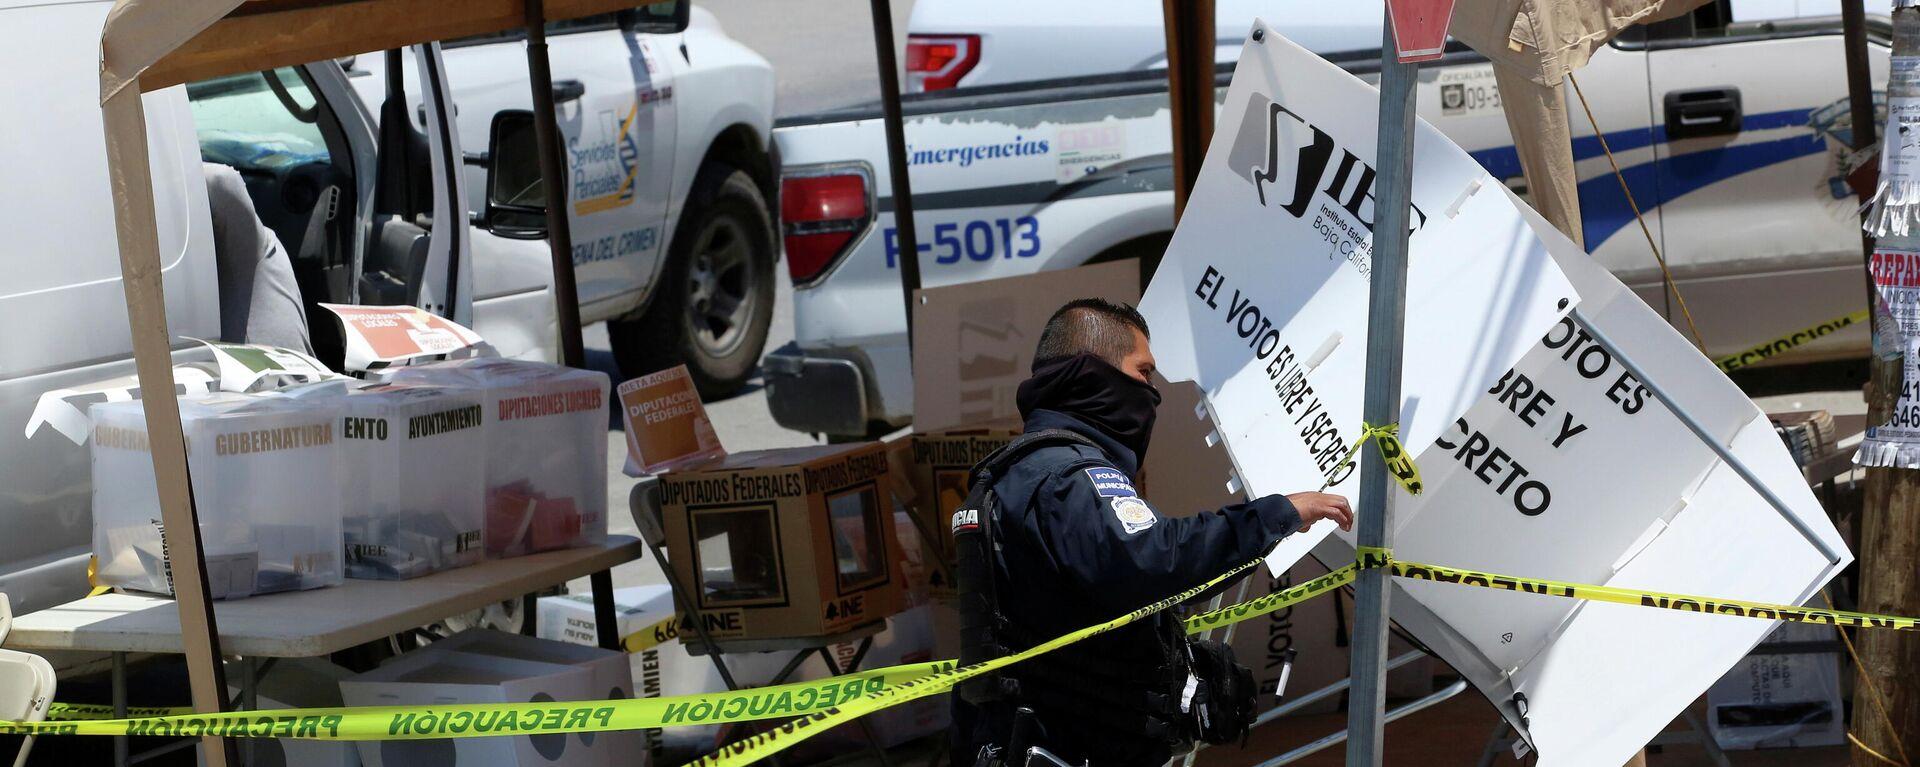 Un oficial de policía en Tijuana en el lugar donde un hombre arrojó restos humanos en las elecciones de México - Sputnik Mundo, 1920, 07.06.2021